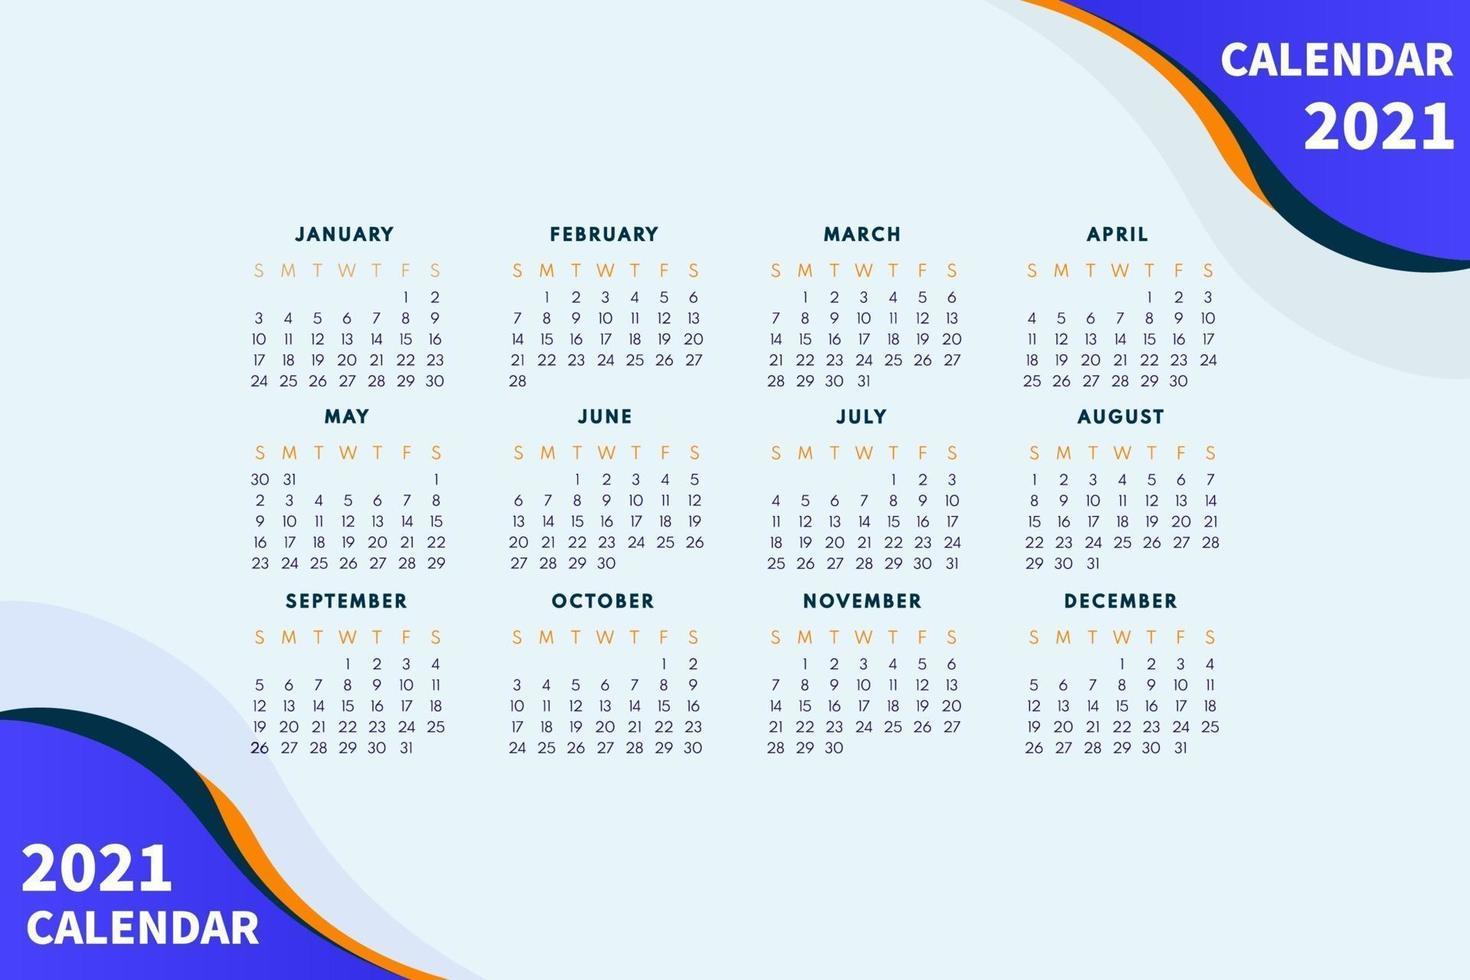 layout de calendário abstrato para modelo de design de calendário 2021. semana começa no domingo. design de calendário de página única 2021 vetor